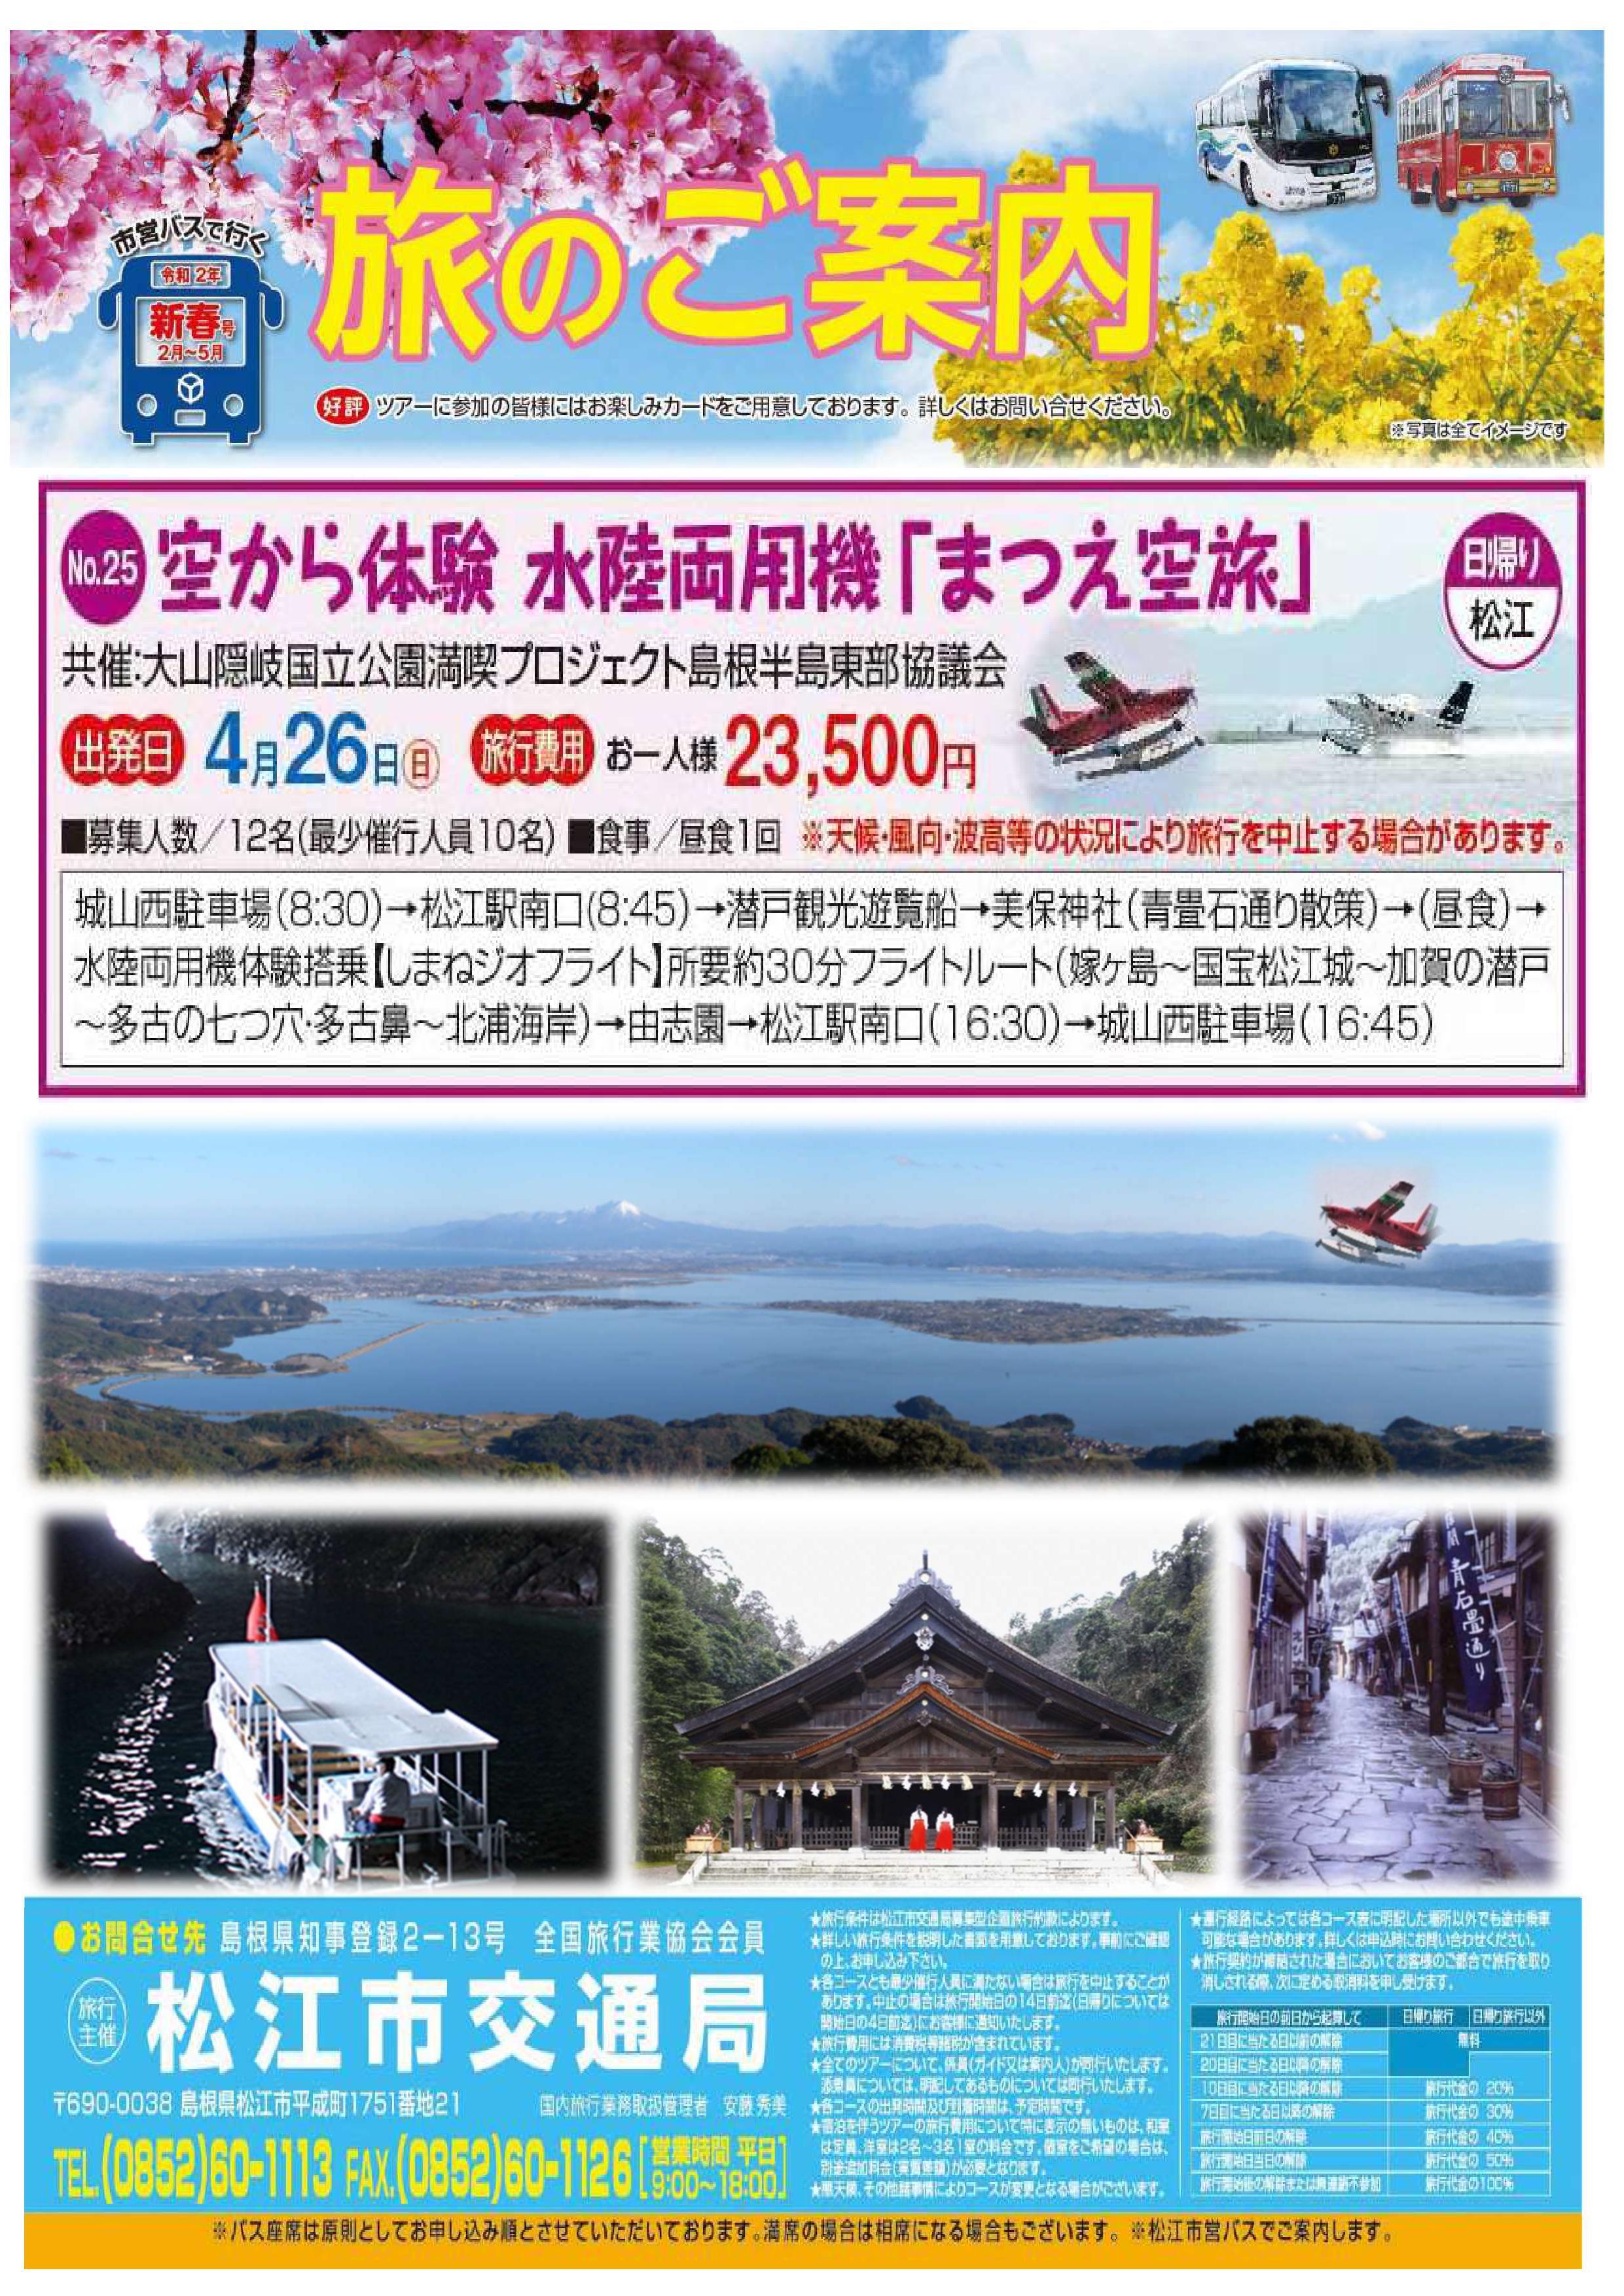 松江 市 コロナ 感染 者 松江市:暮らしのガイド:発生状況